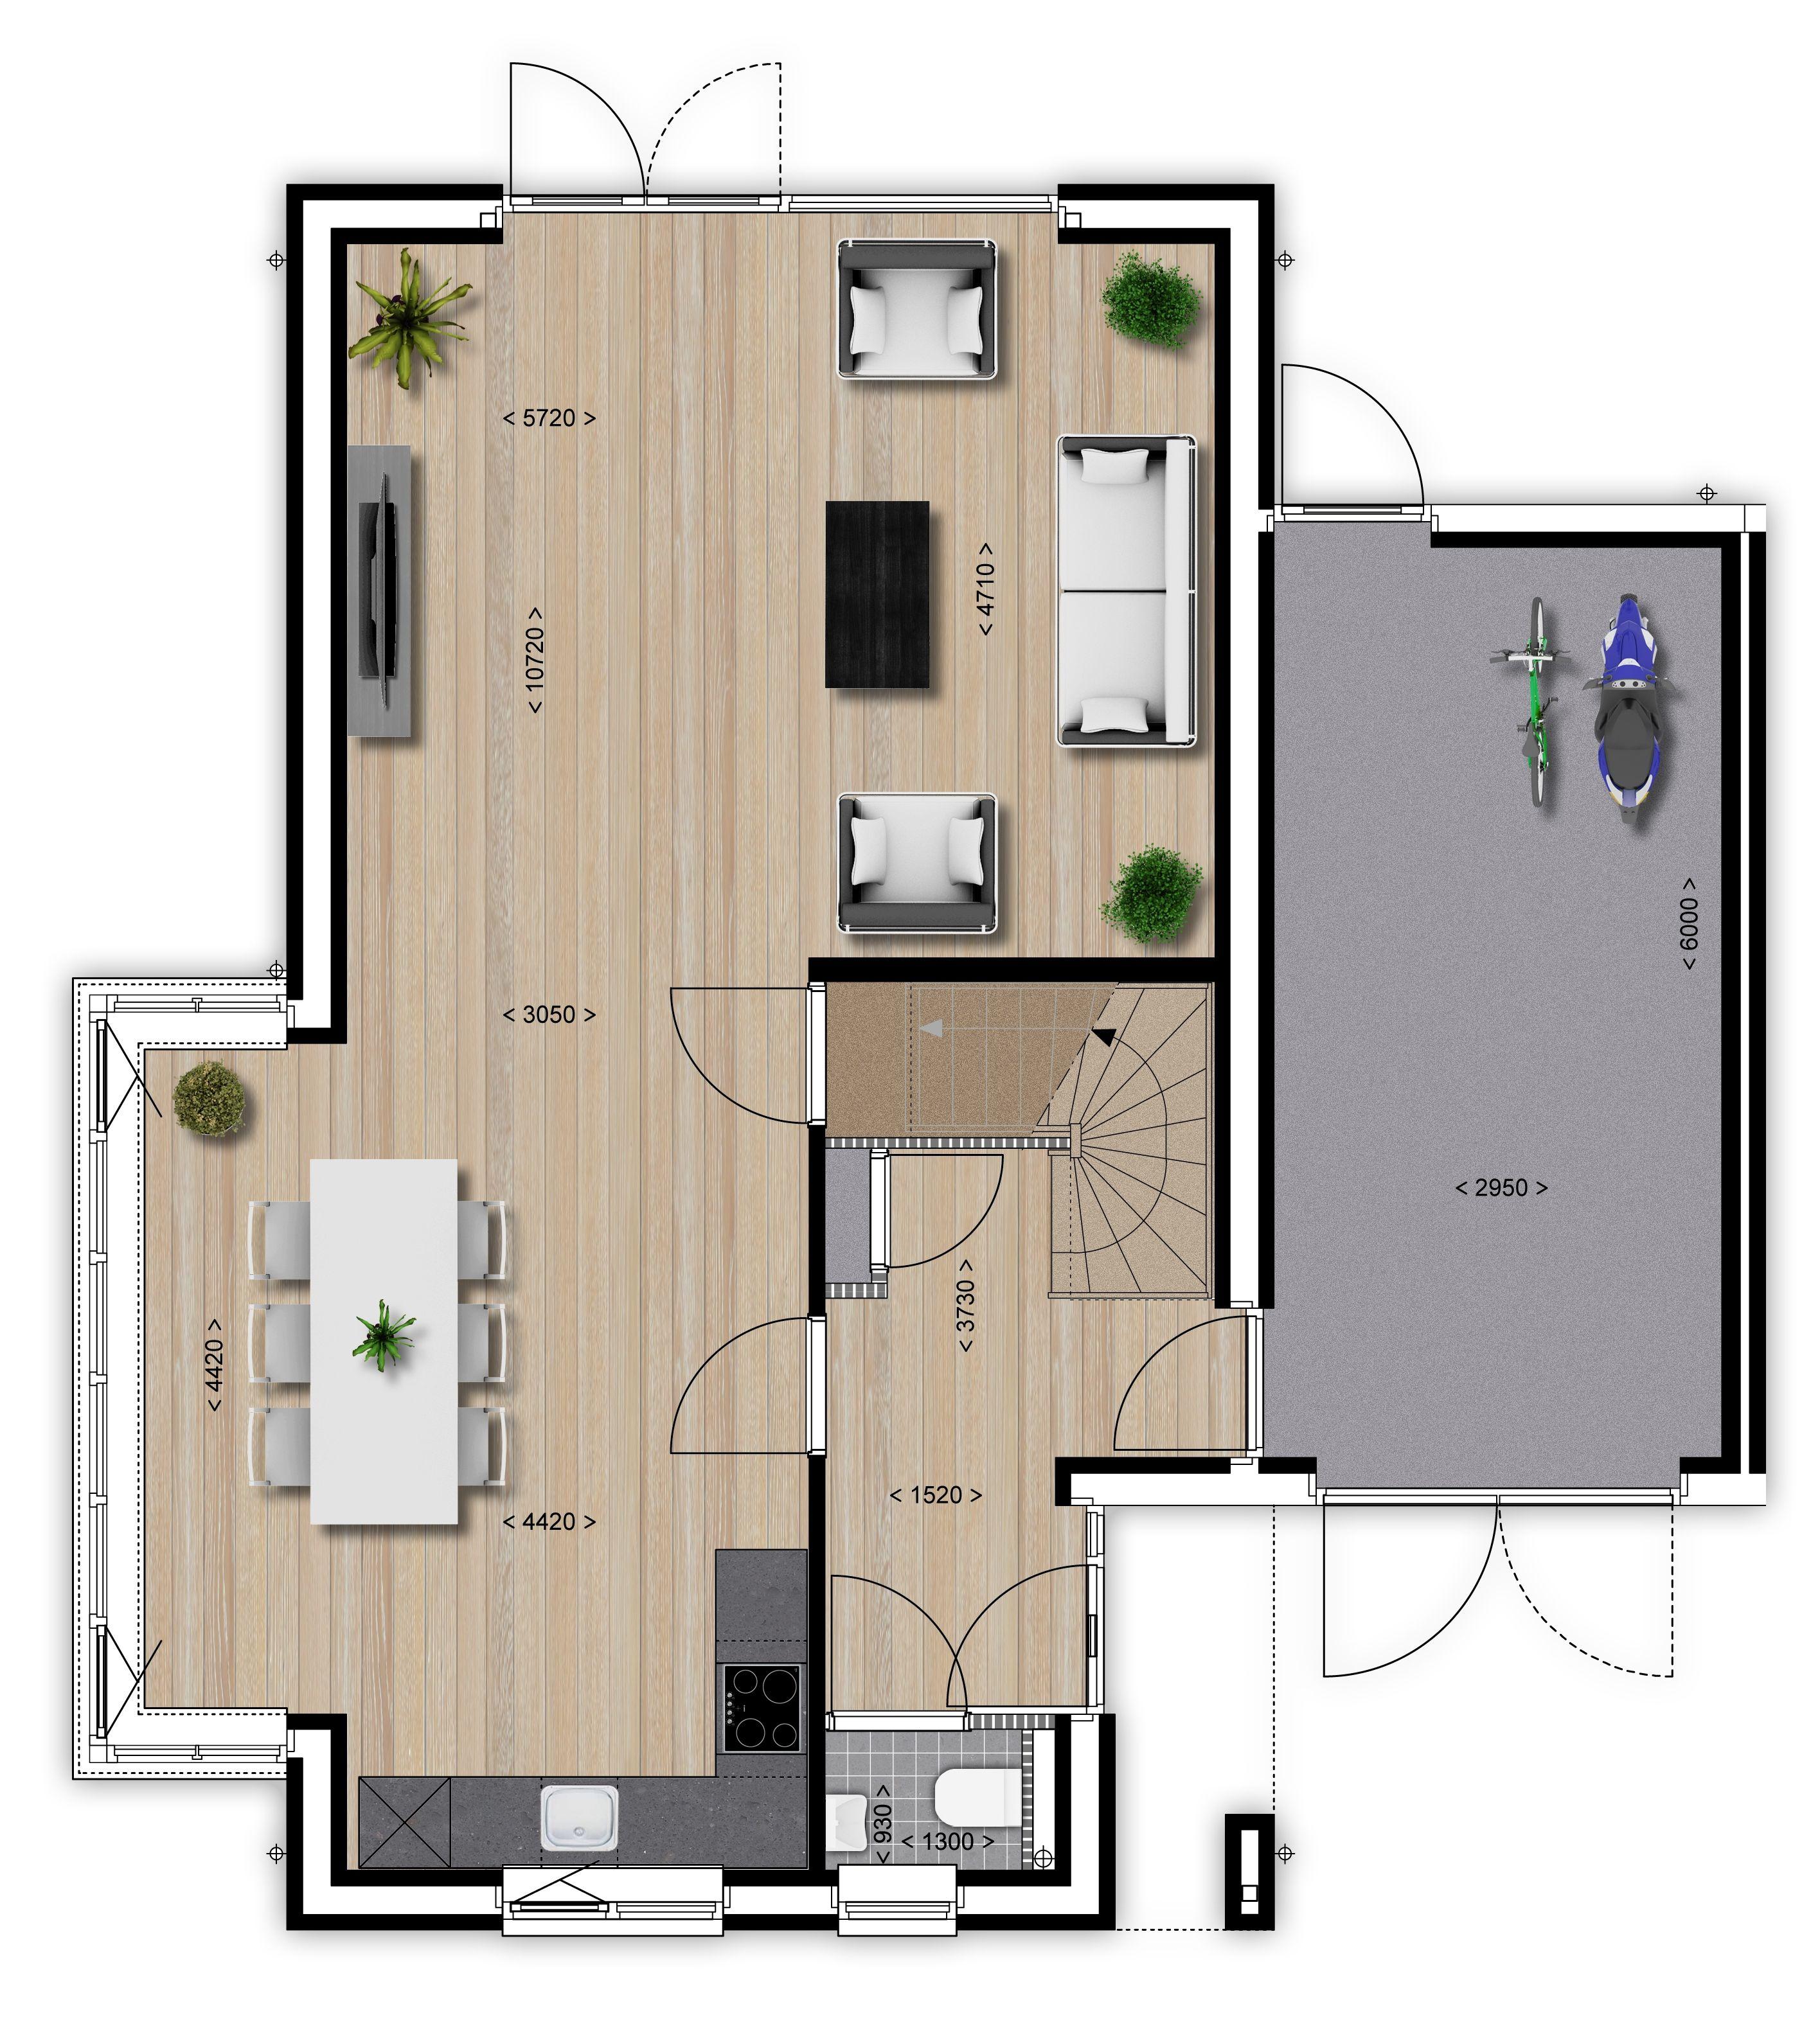 Plattegrond vrijstaande woning google zoeken sims 3 for Plattegrond huis tekenen